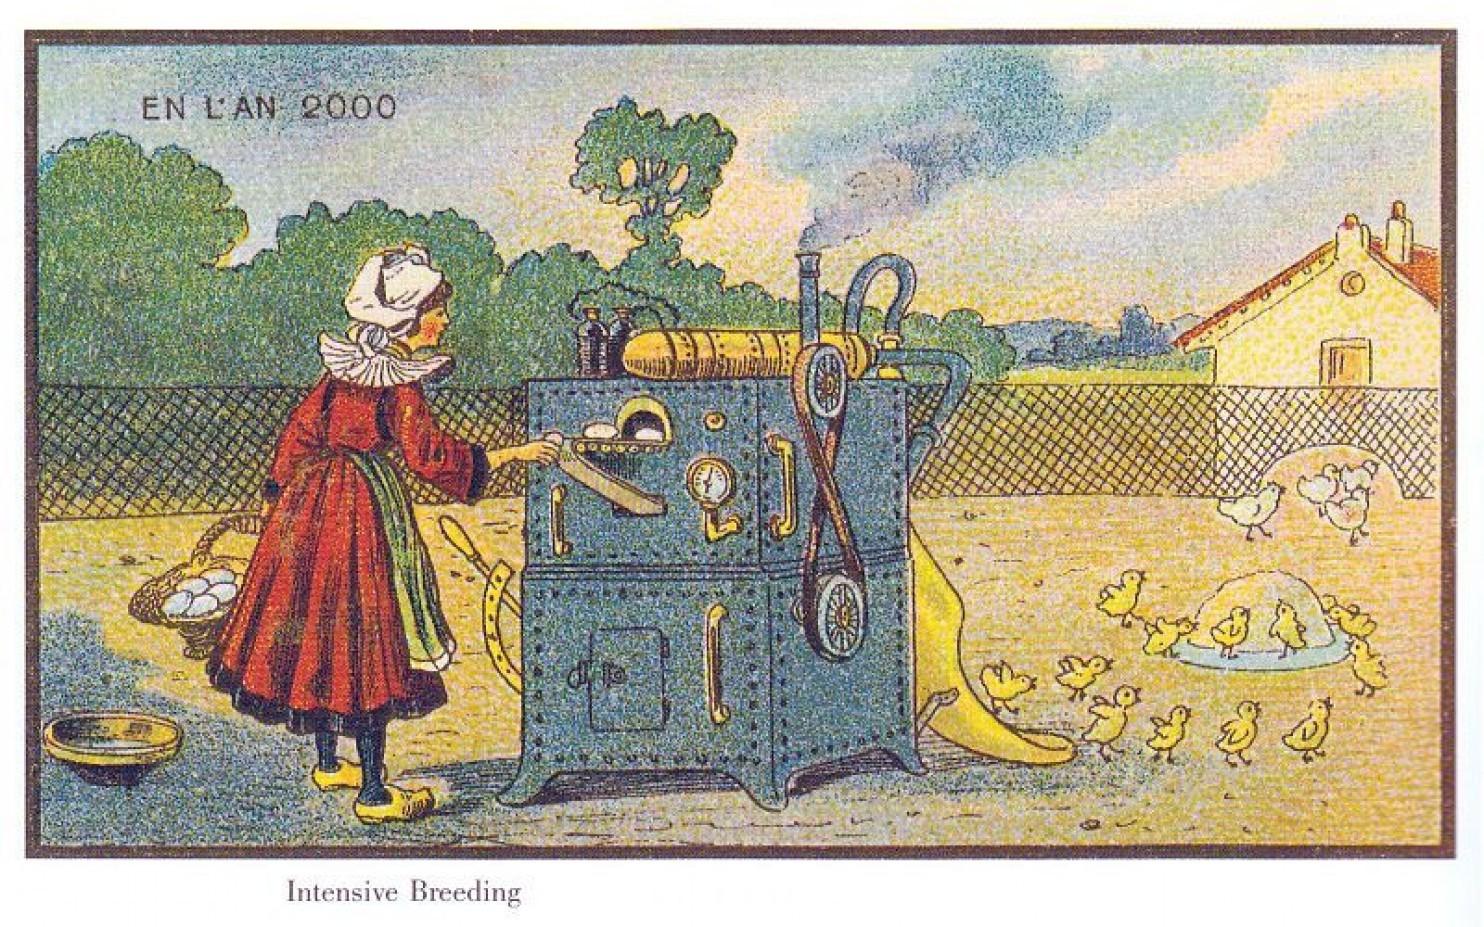 como imaginaban el futuro en 1900 ilustraciones 3